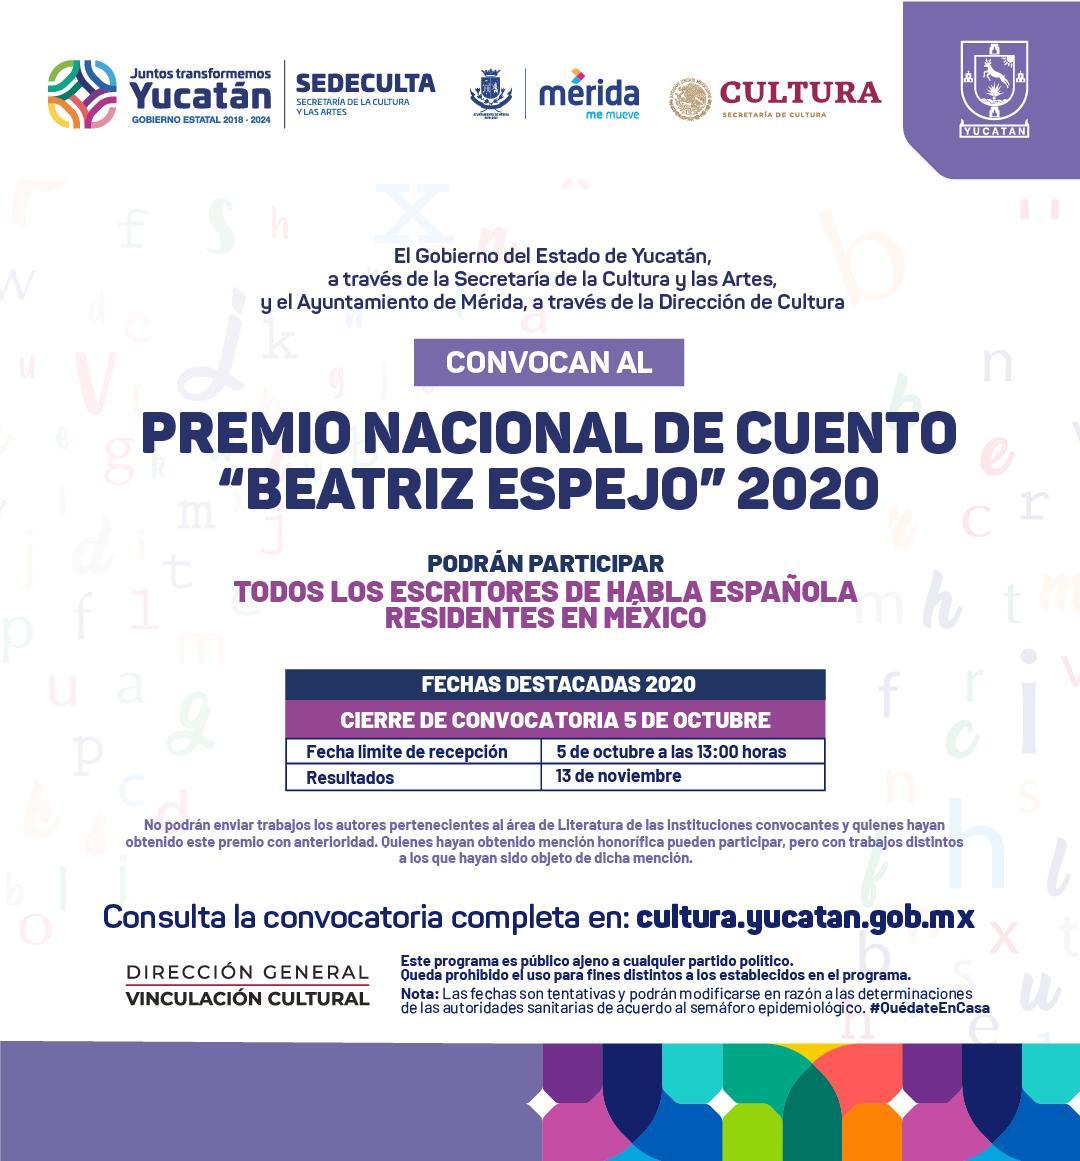 Convocatoria-Beatriz-Espejo-2020.jpg